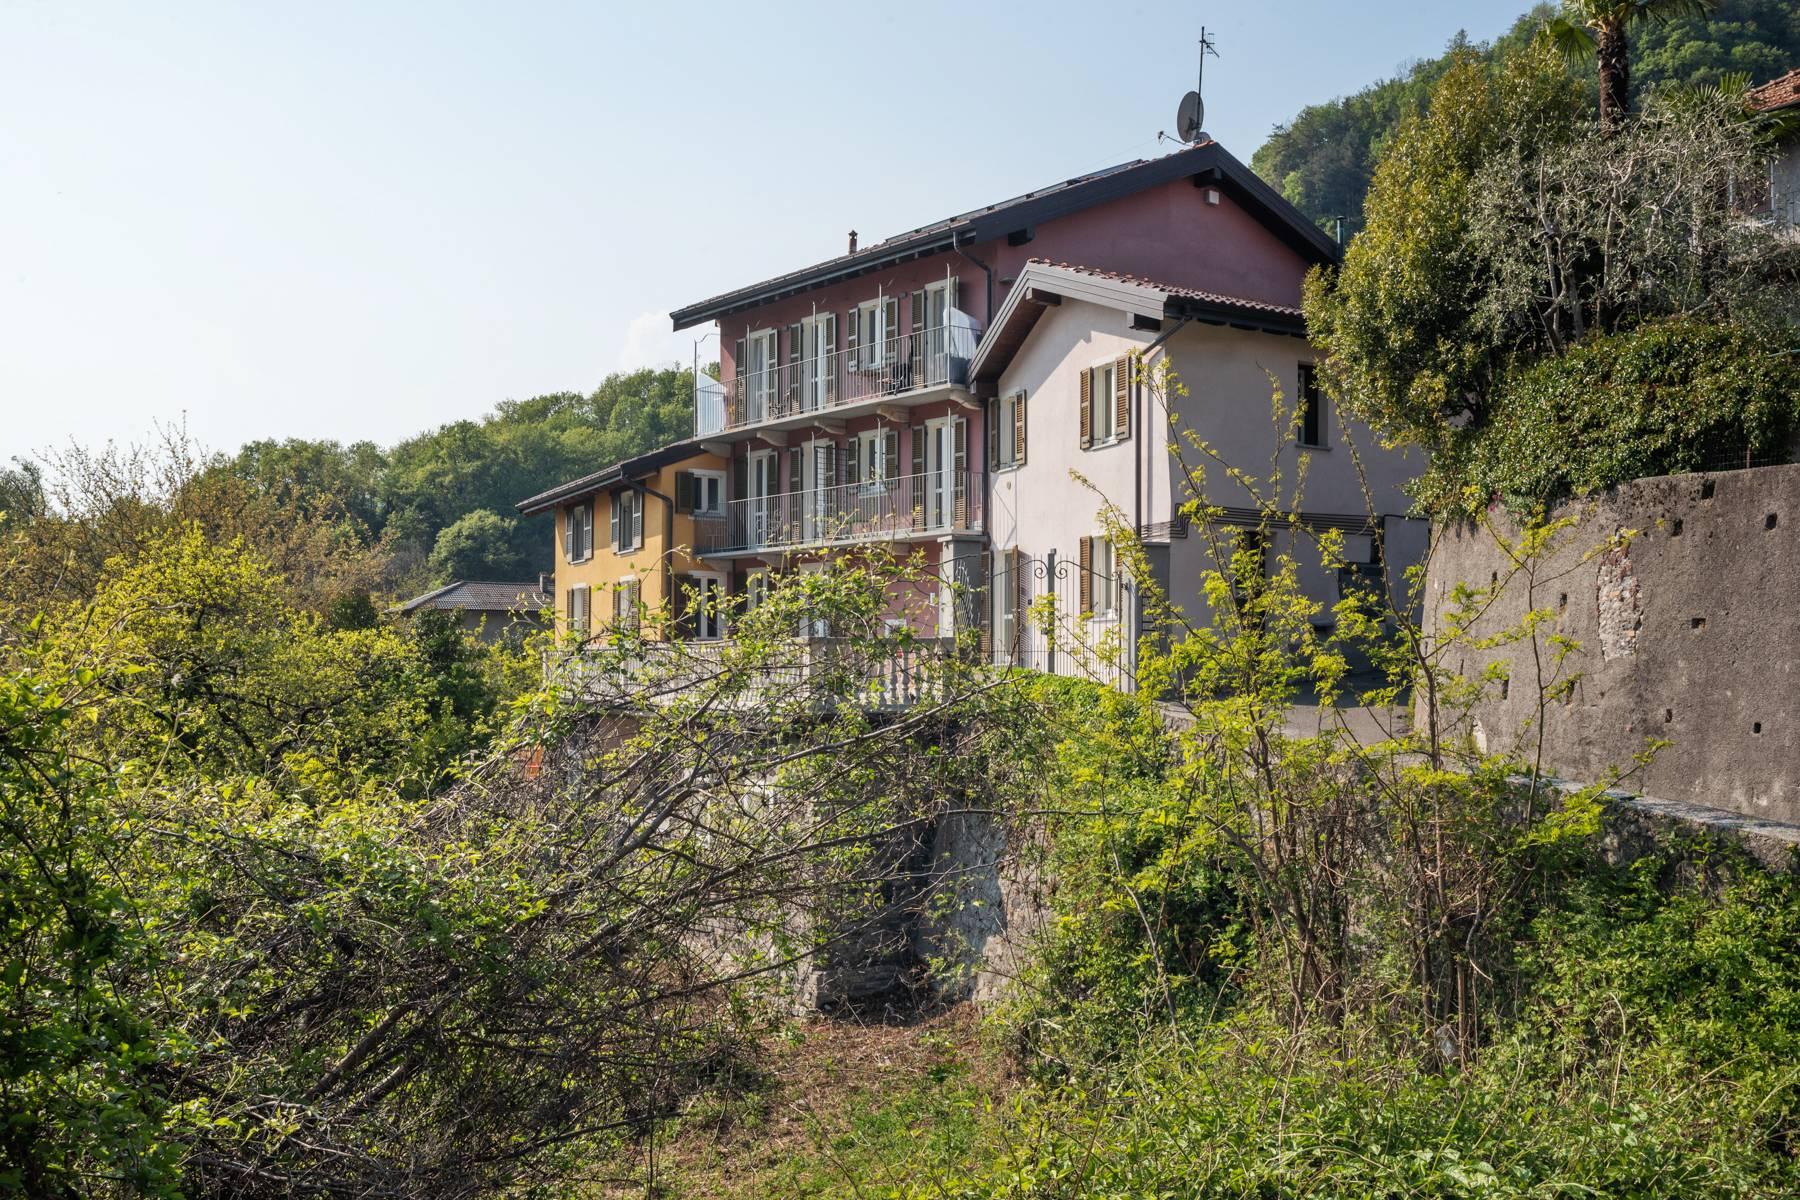 Appartamento in Vendita a Castelveccana: 3 locali, 95 mq - Foto 10